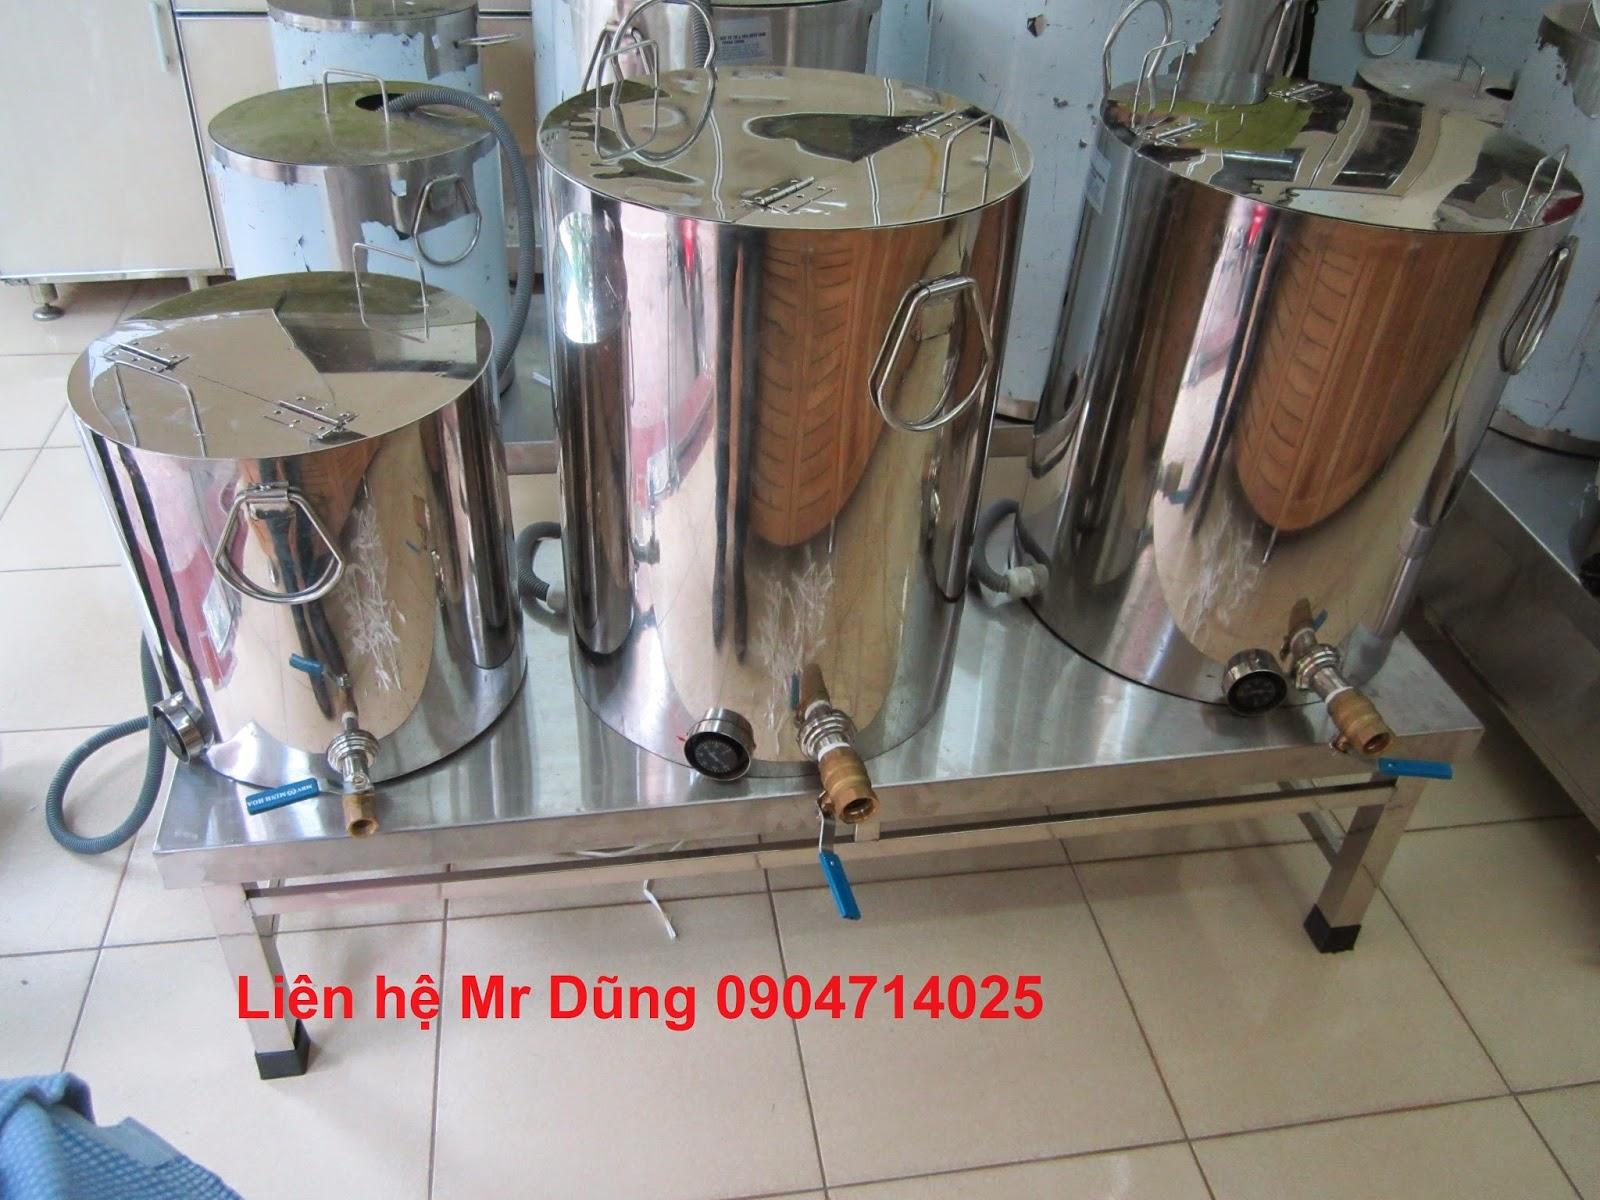 bộ nồi phở điện trung thành nấu bền chuyên dùng đun, nấu, hầm xương